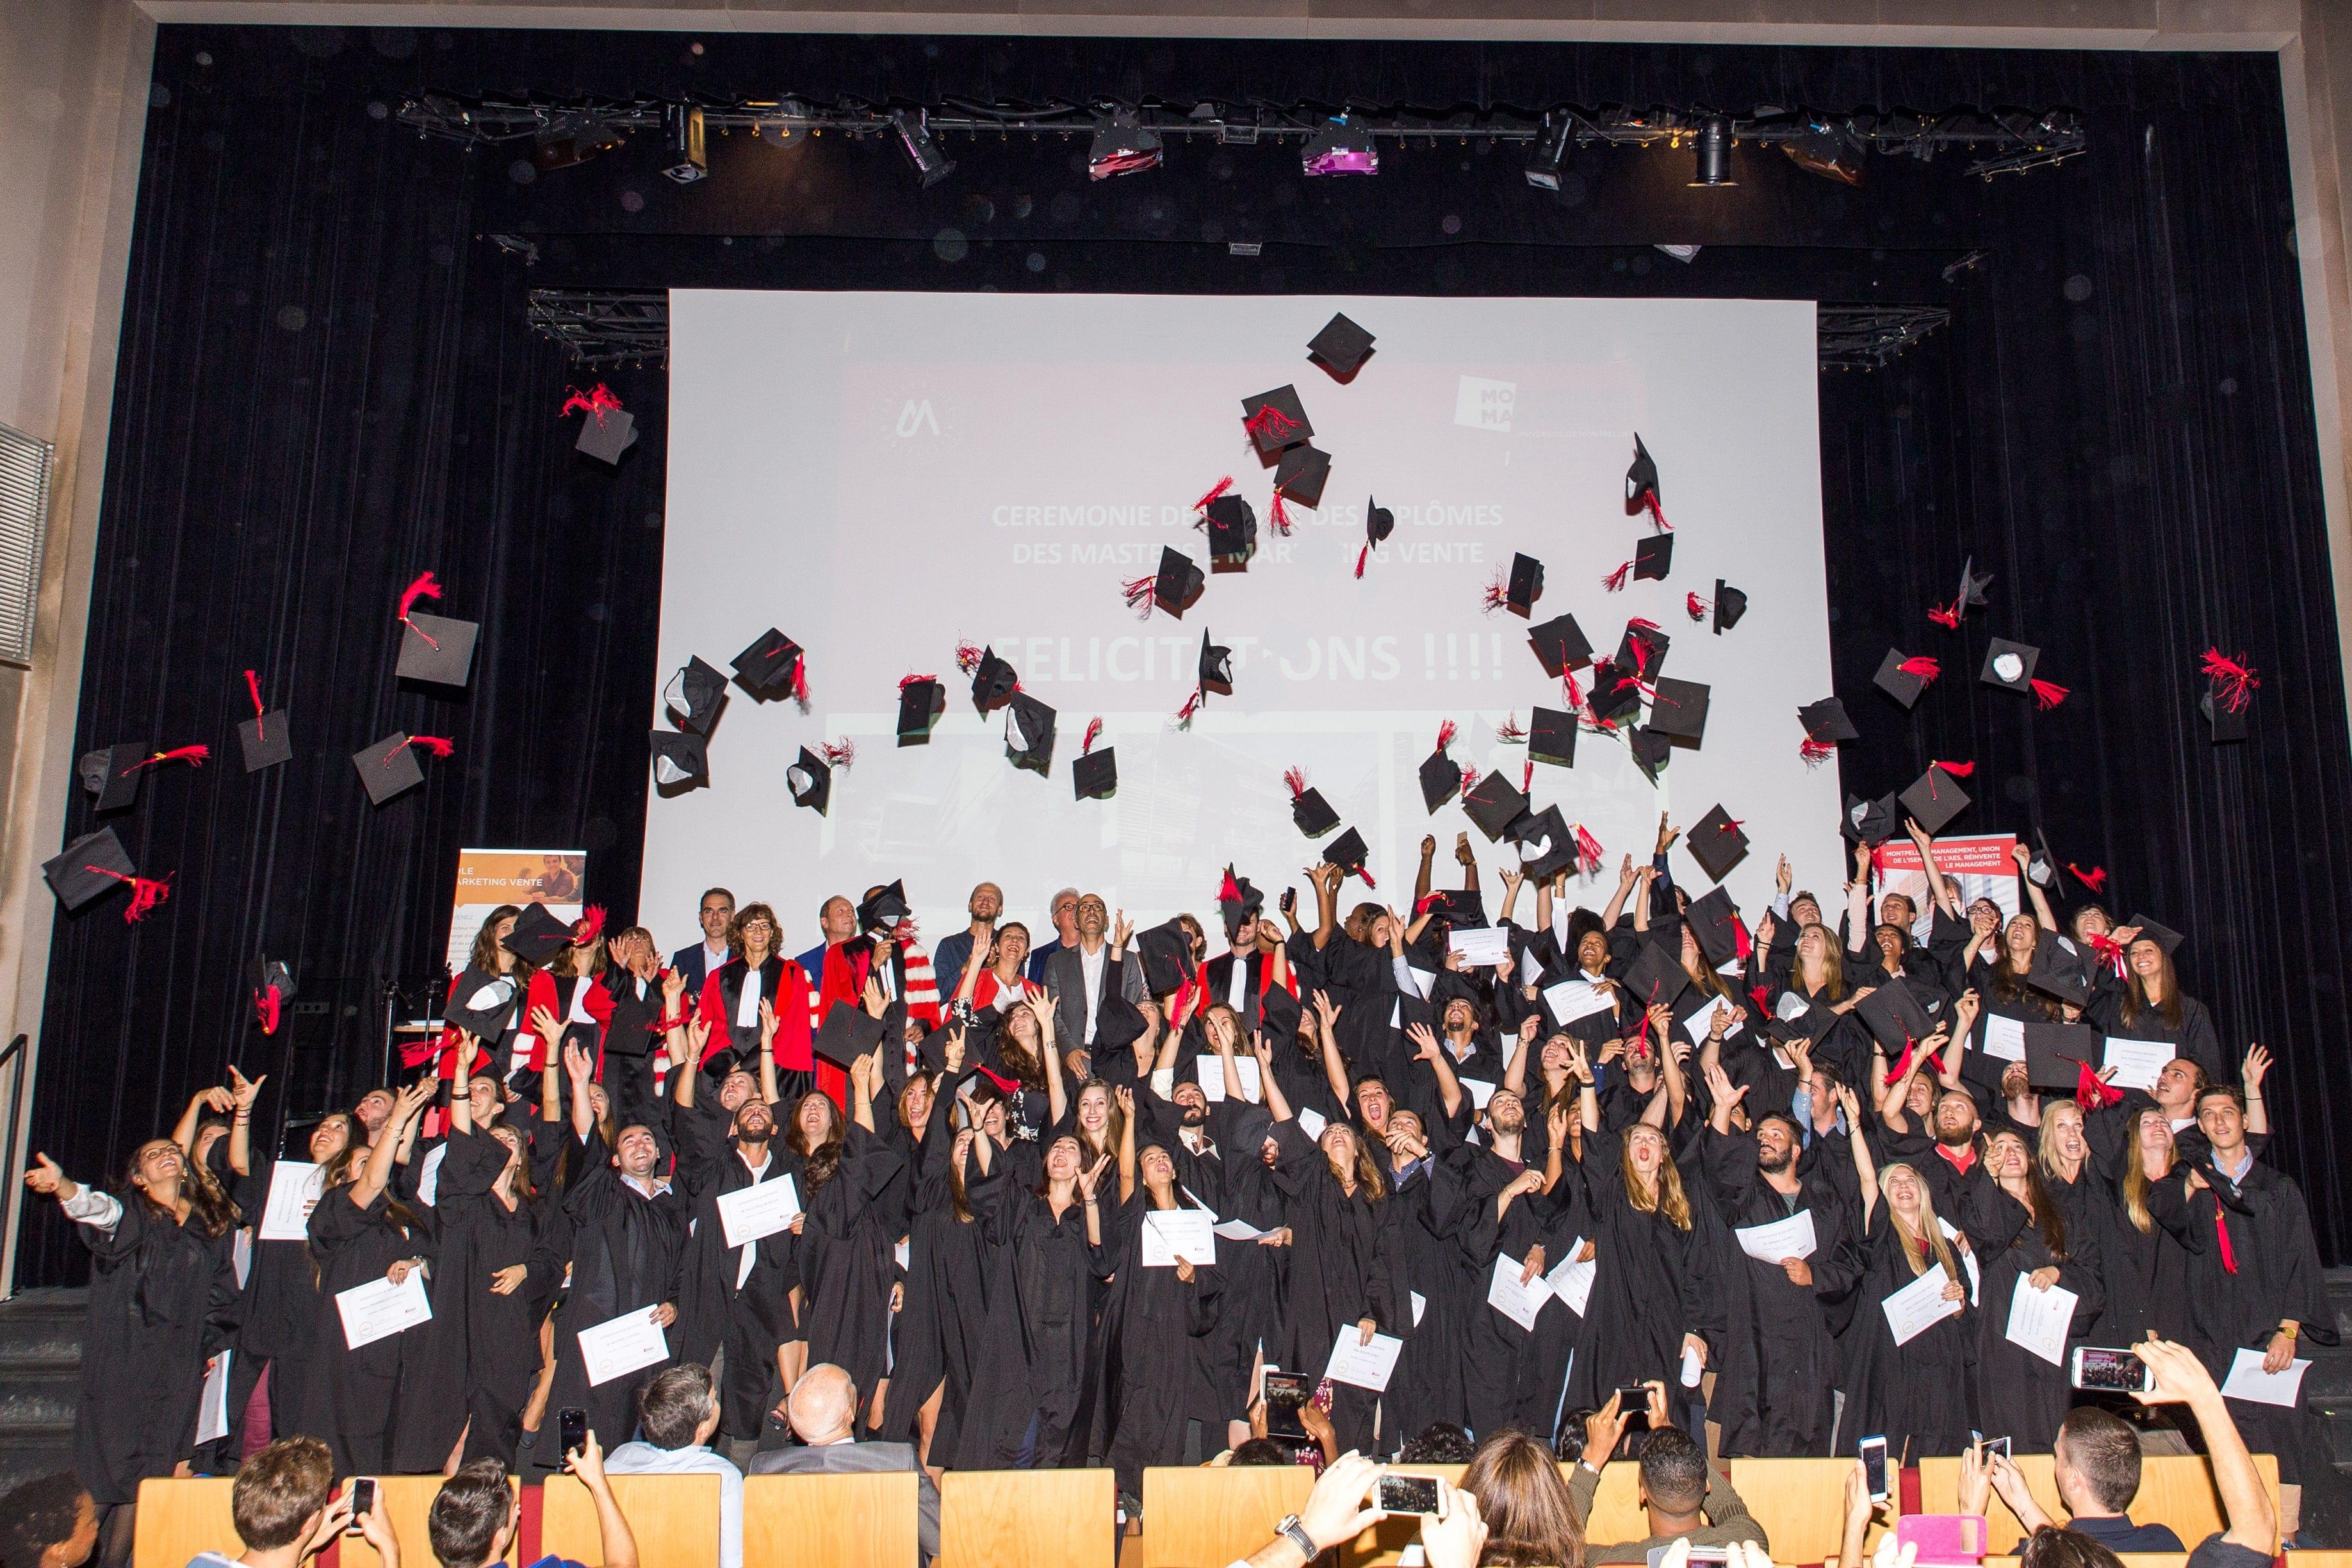 remise des diplômes lancé de chapeaux